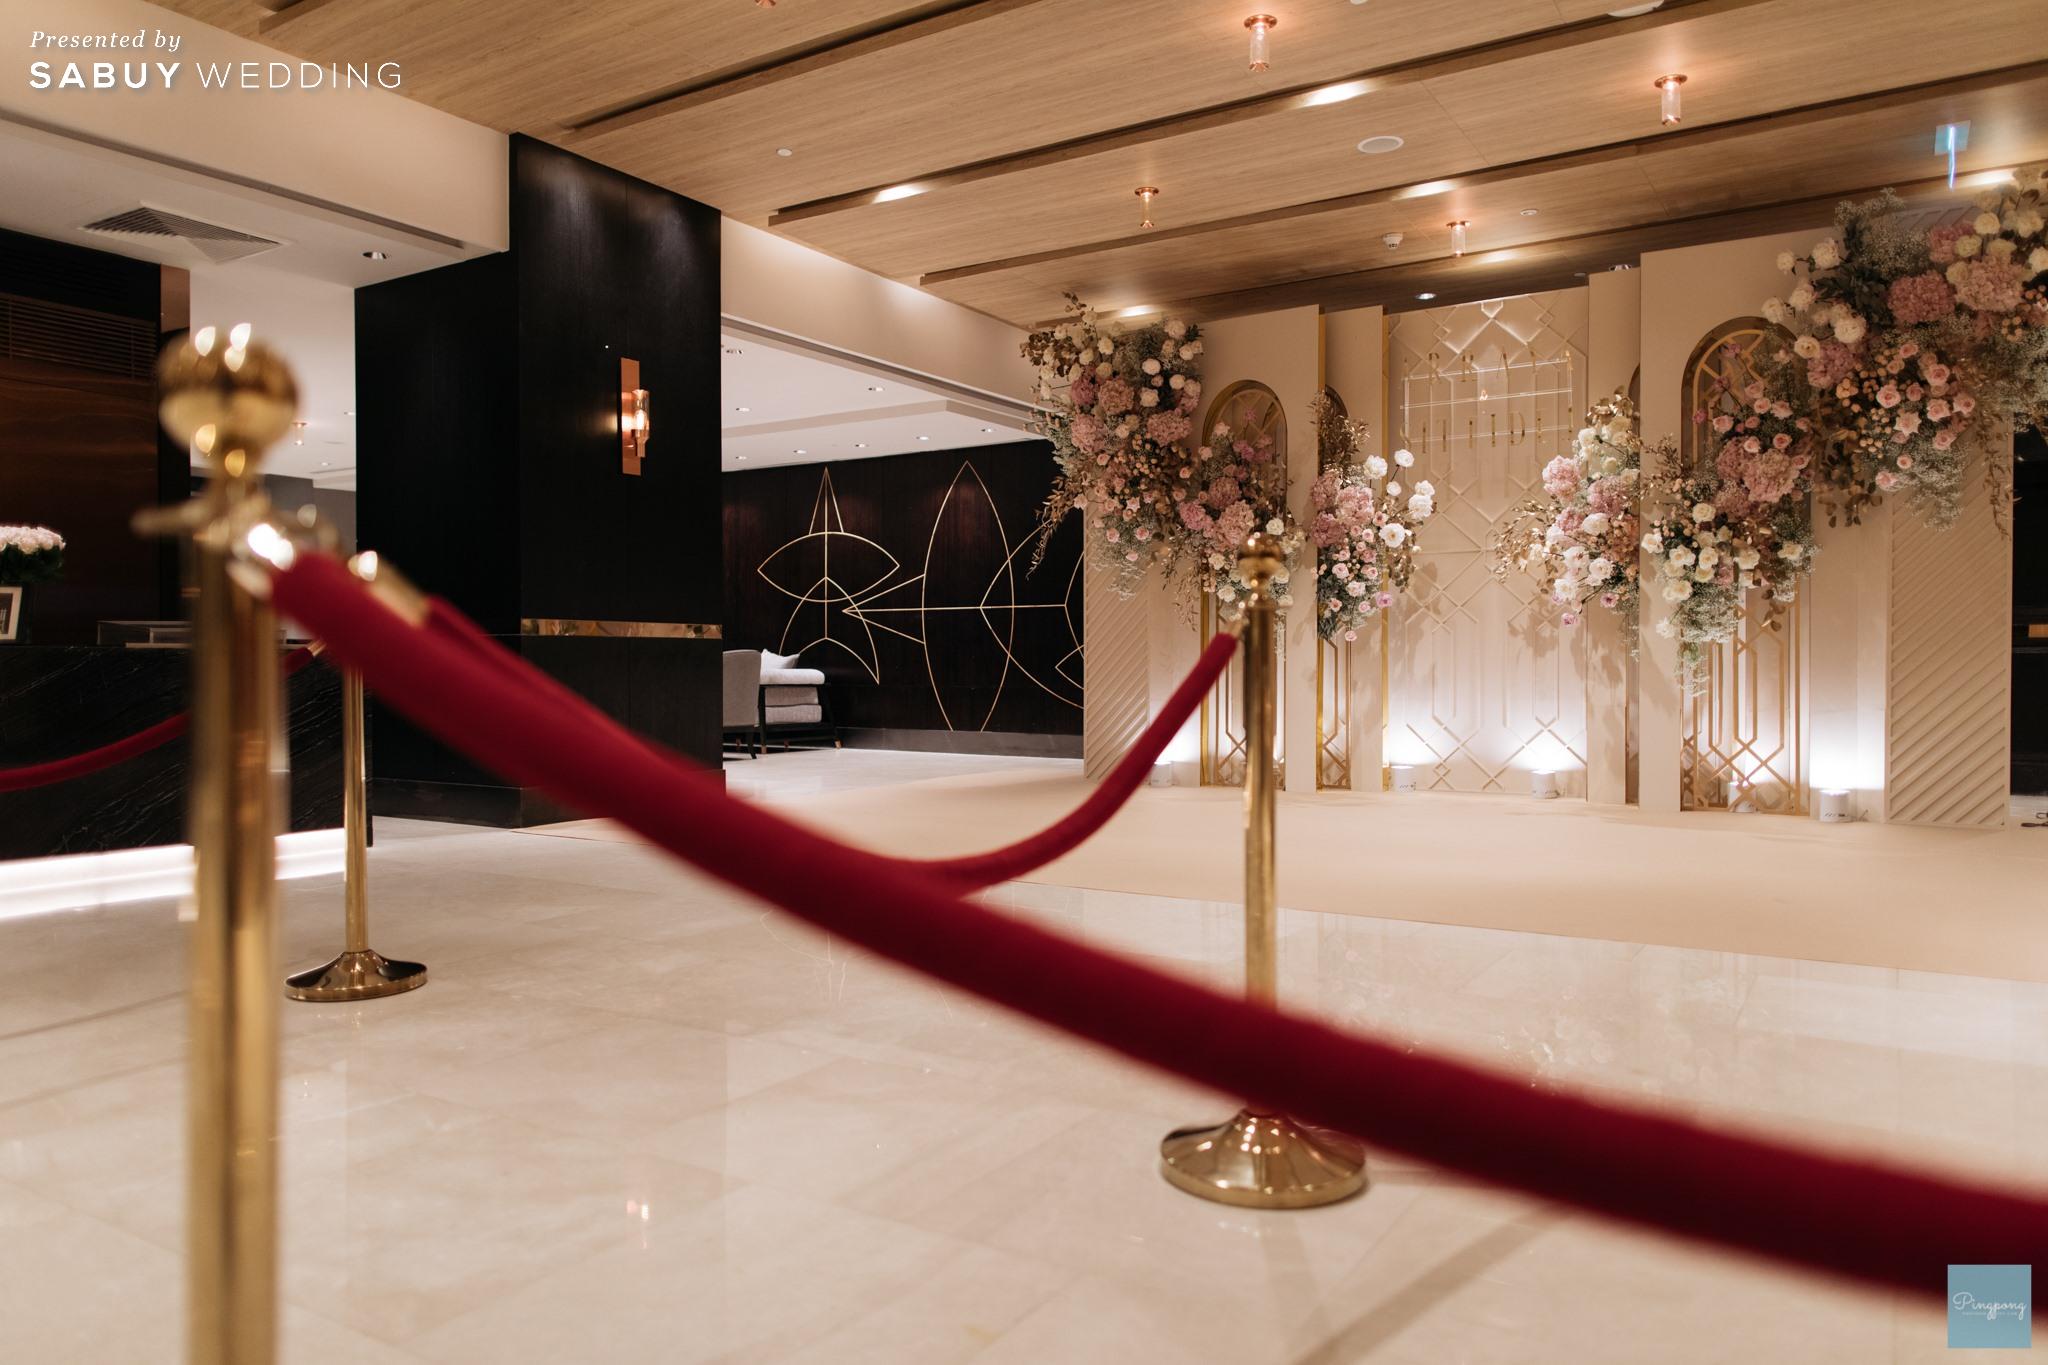 ตกแต่งงานแต่งงาน,ออแกไนเซอร์,เวดดิ้งแพลนเนอร์ รีวิวงานแต่งโมเดิร์นหวานละมุน อบอุ่นในโทนครีมชมพู @ Hyatt Regency Bangkok Sukhumvit